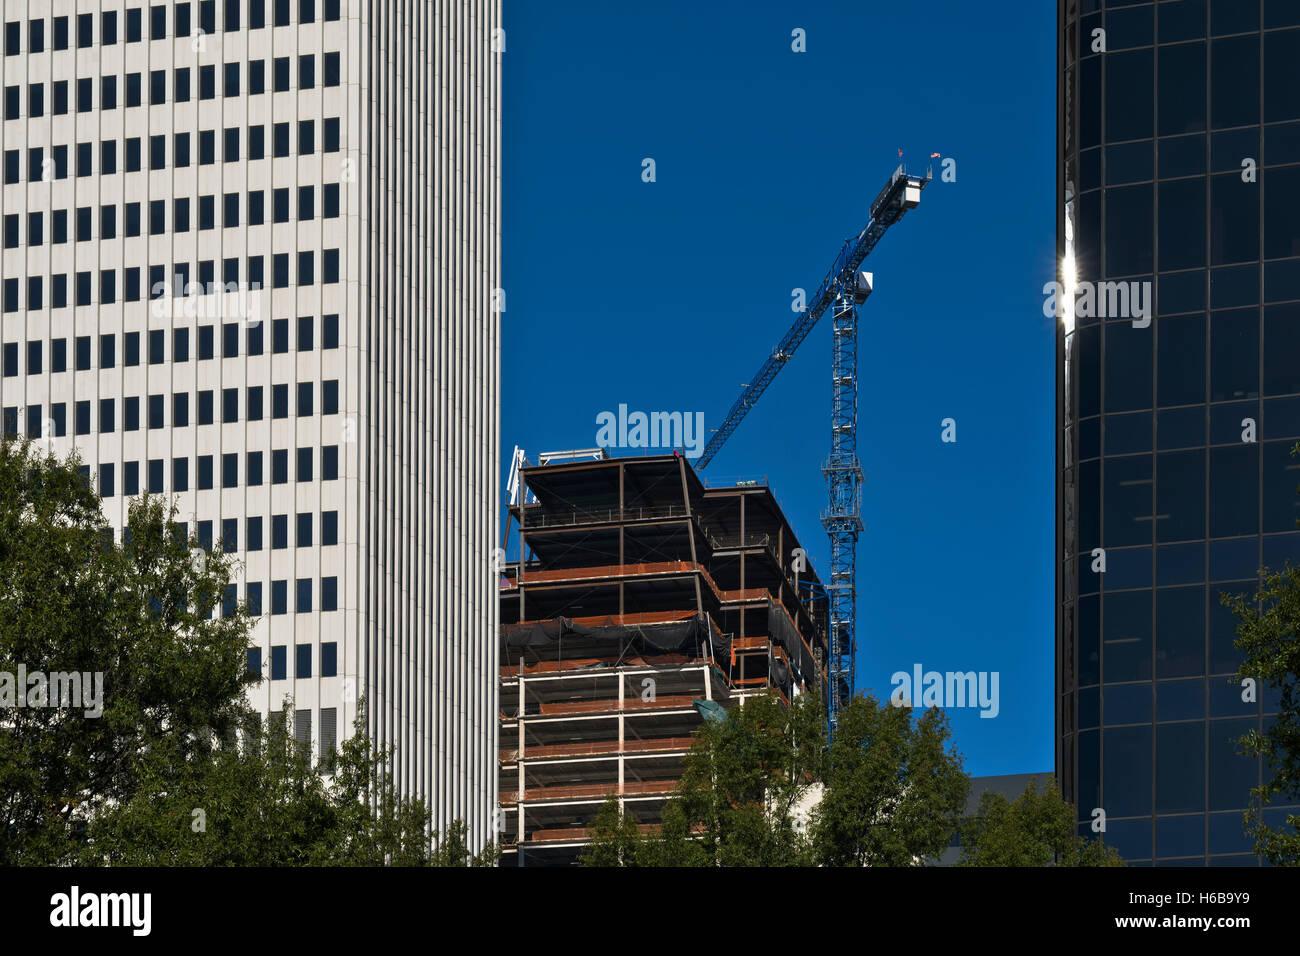 Architektur, Gebäude in der Stadt Charlotte, NC Stockbild